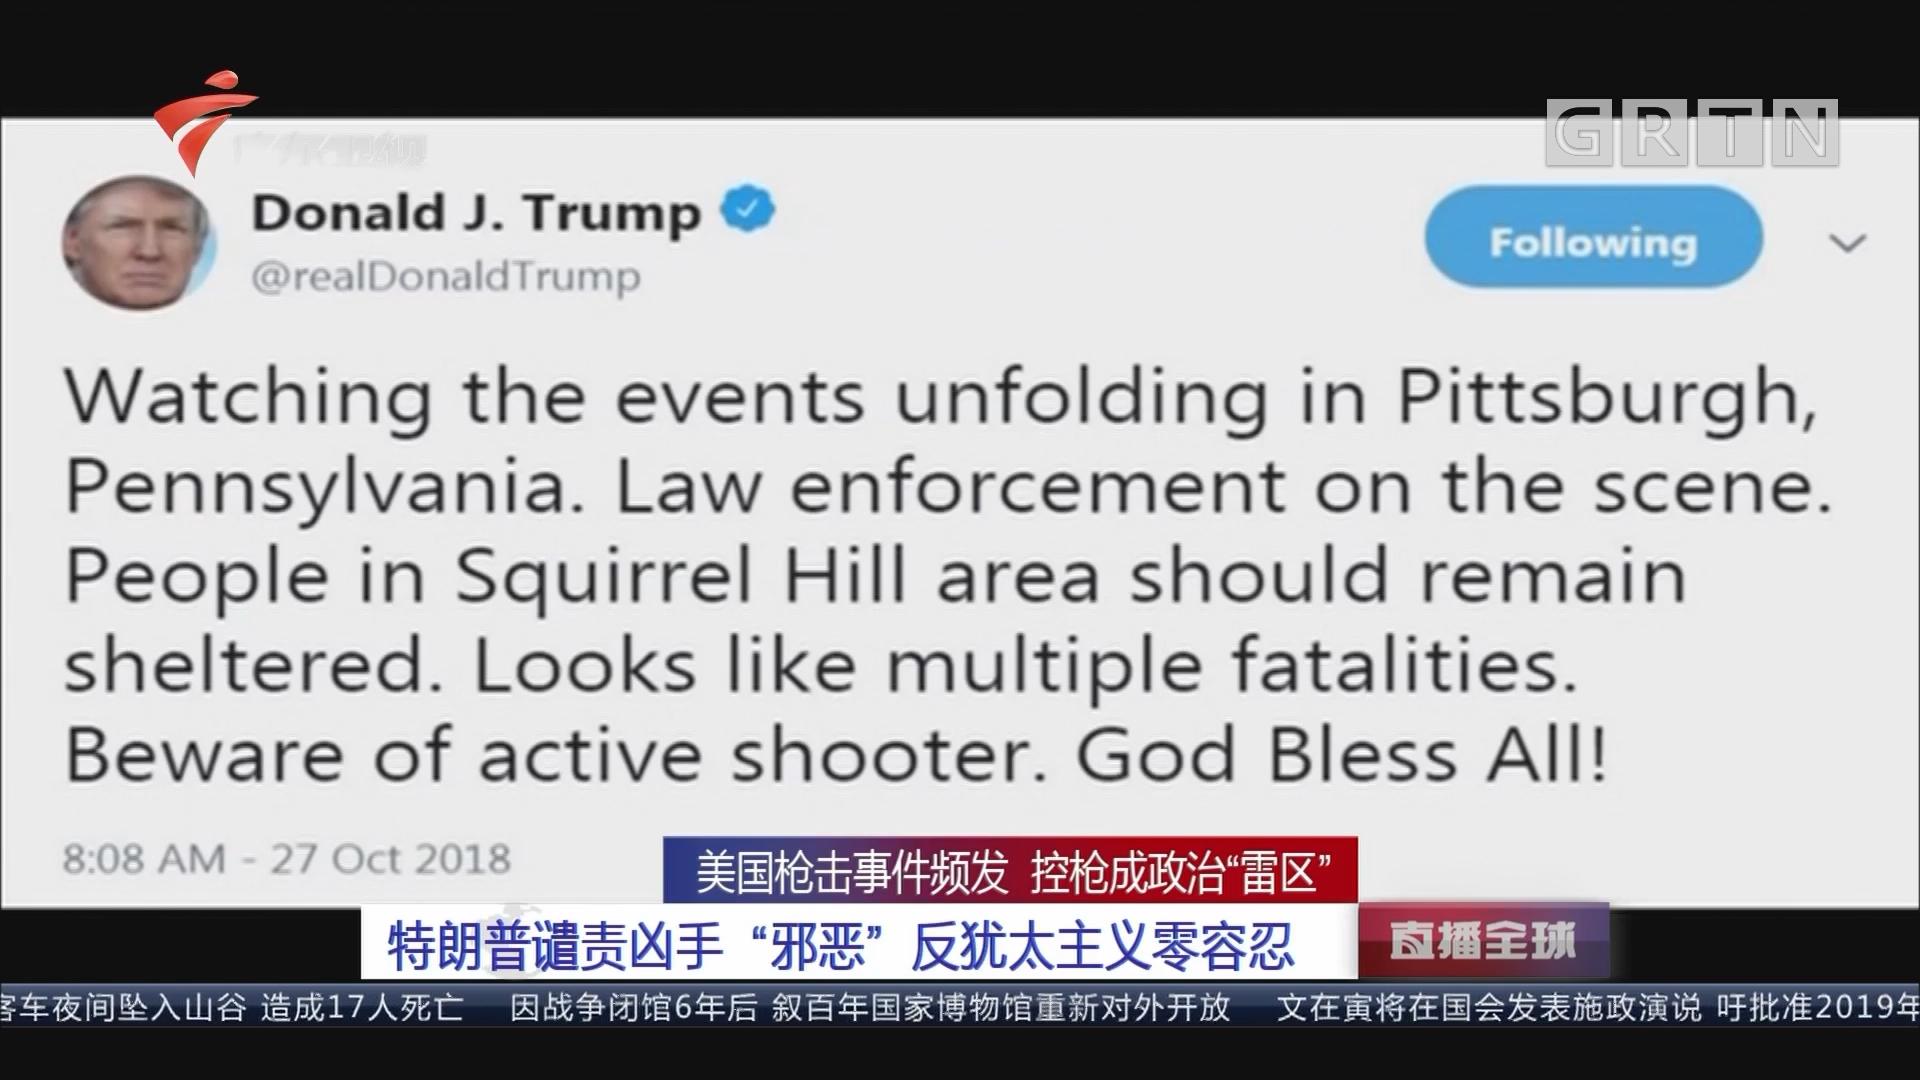 """美国枪击事件频发 控枪成政治""""雷区"""":特朗普谴责凶手""""邪恶""""反犹太主义零容忍"""